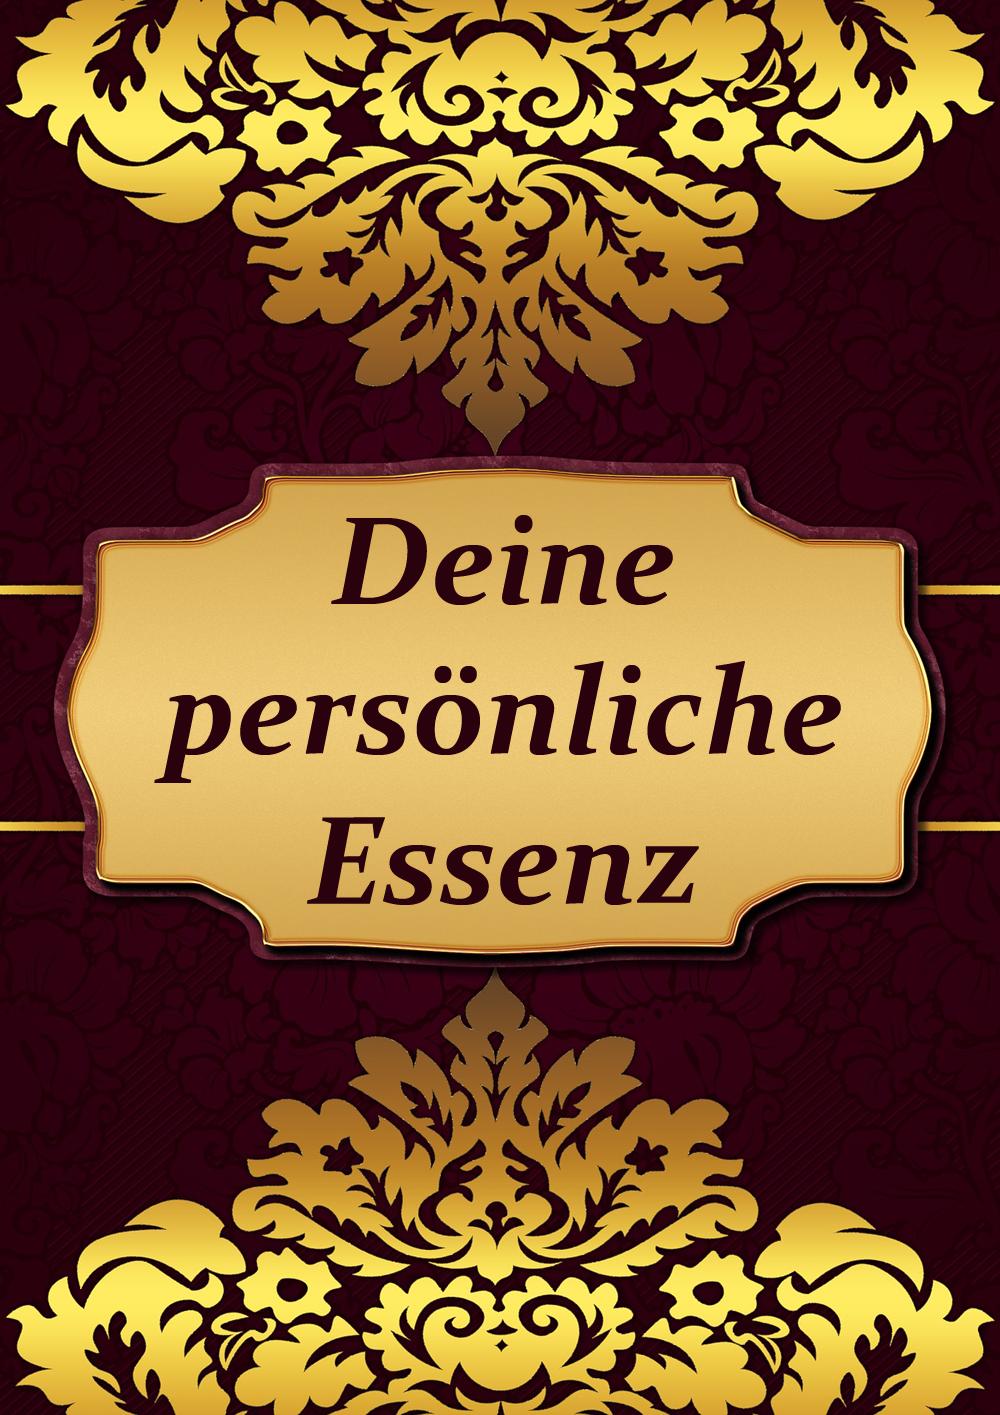 persönliche_Essenz